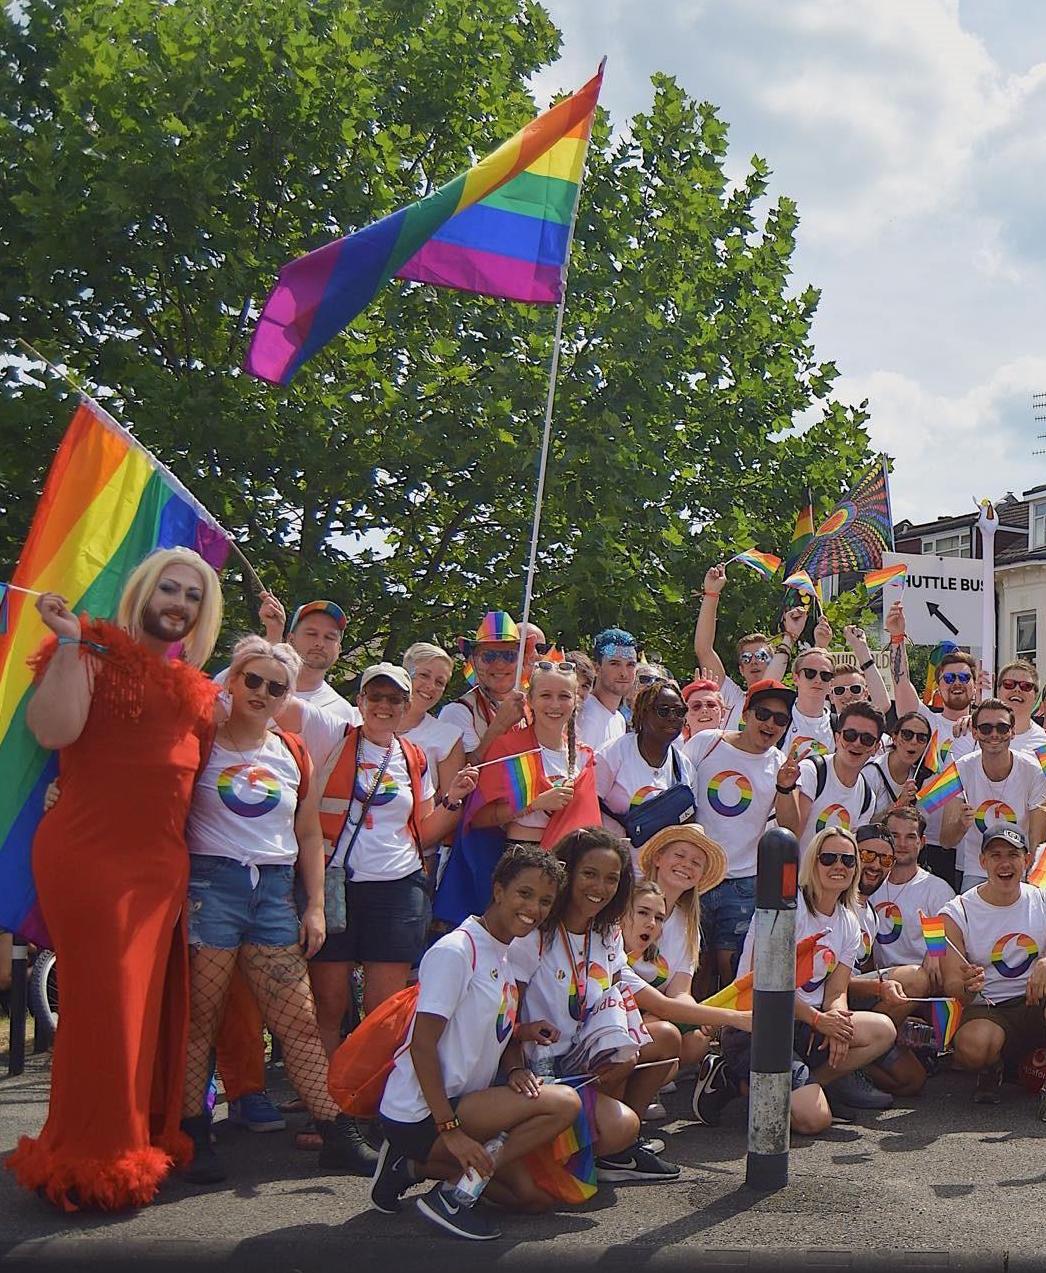 Vodafone LGBT + Friends Network © Vodafone